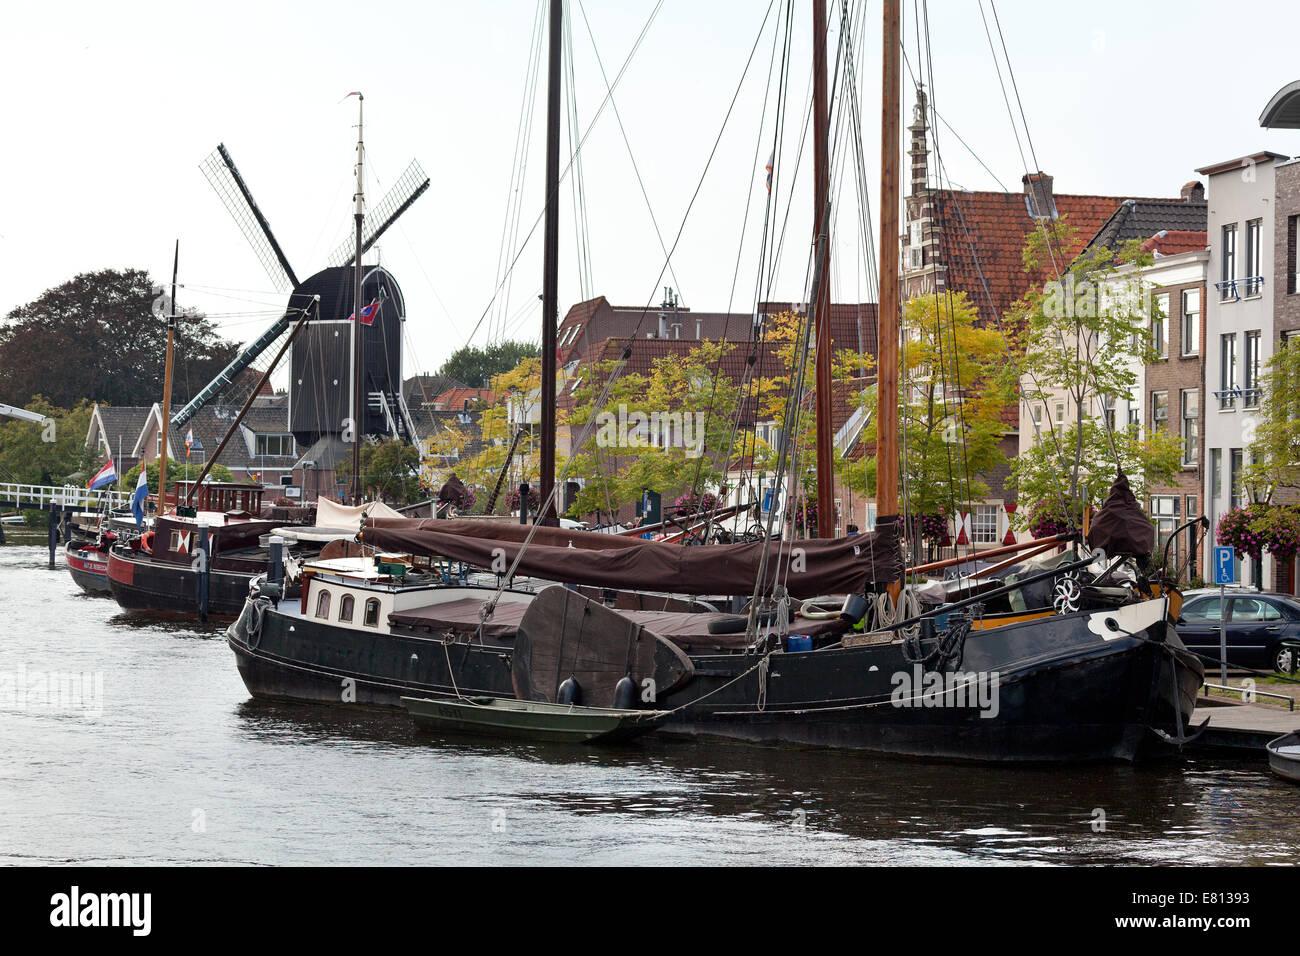 Le navi nel porto storico nella città di Leiden, con sullo sfondo il mulino a vento de mettere Immagini Stock